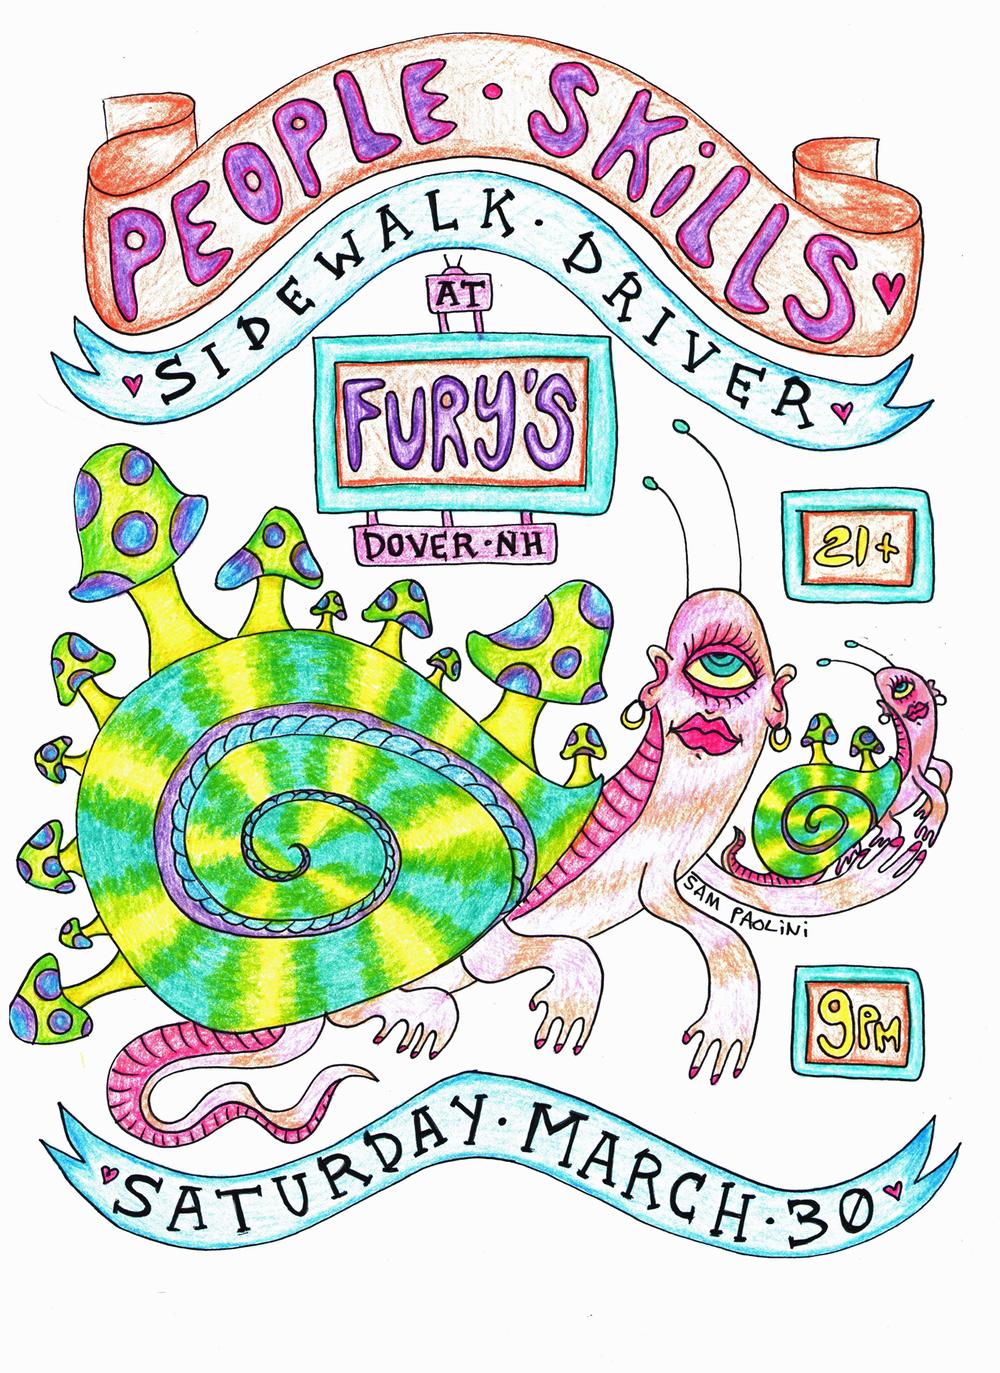 peeps furys poster snail 150.jpg